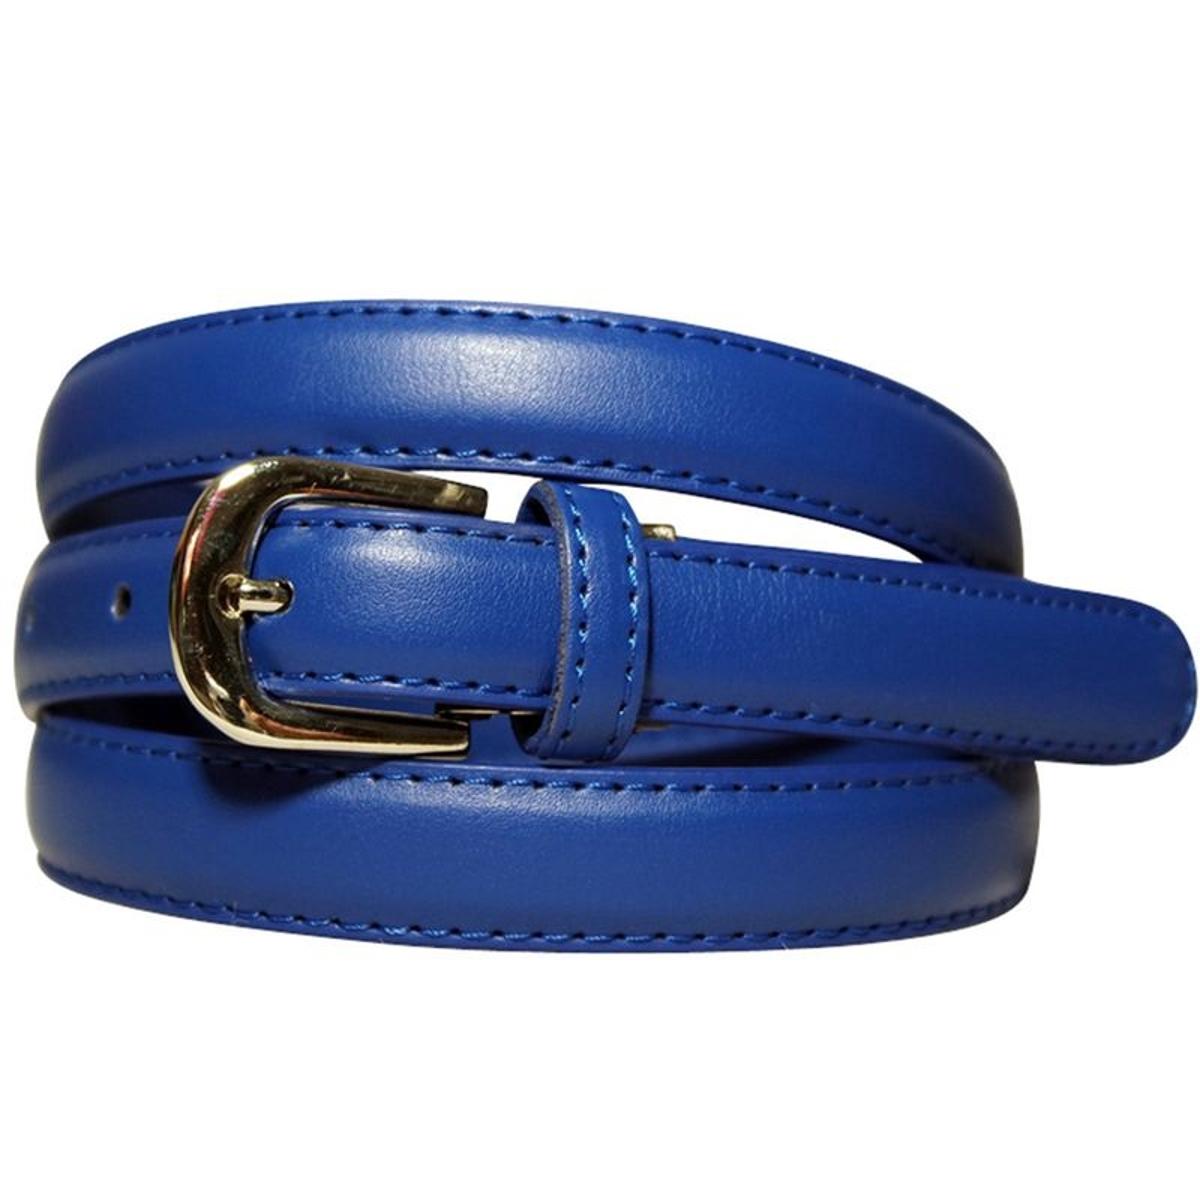 CHAPEAU-TENDANCE Ceinture fine cuir bleu roi c209359571b